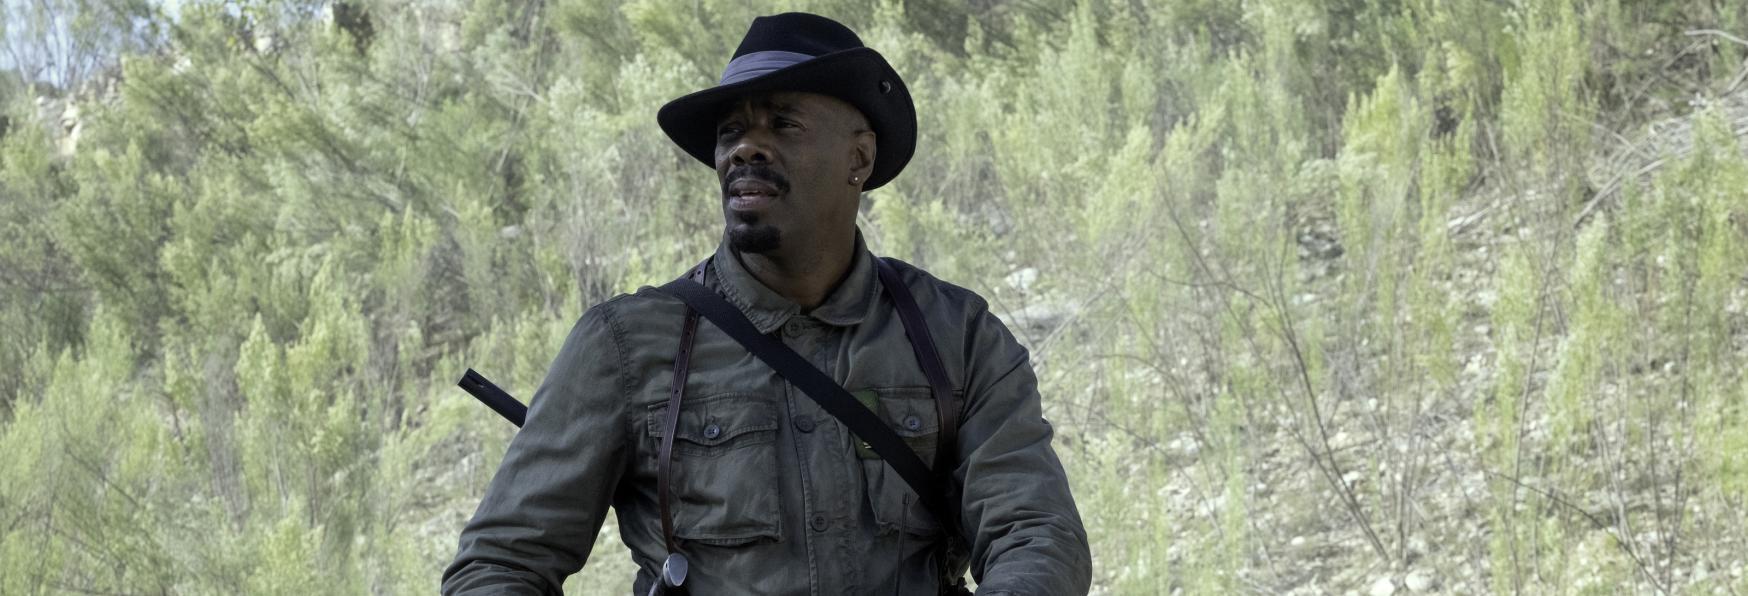 Ecco cosa ci attende in Fear the Walking Dead 7. Il Teaser Trailer della Nuova Stagione